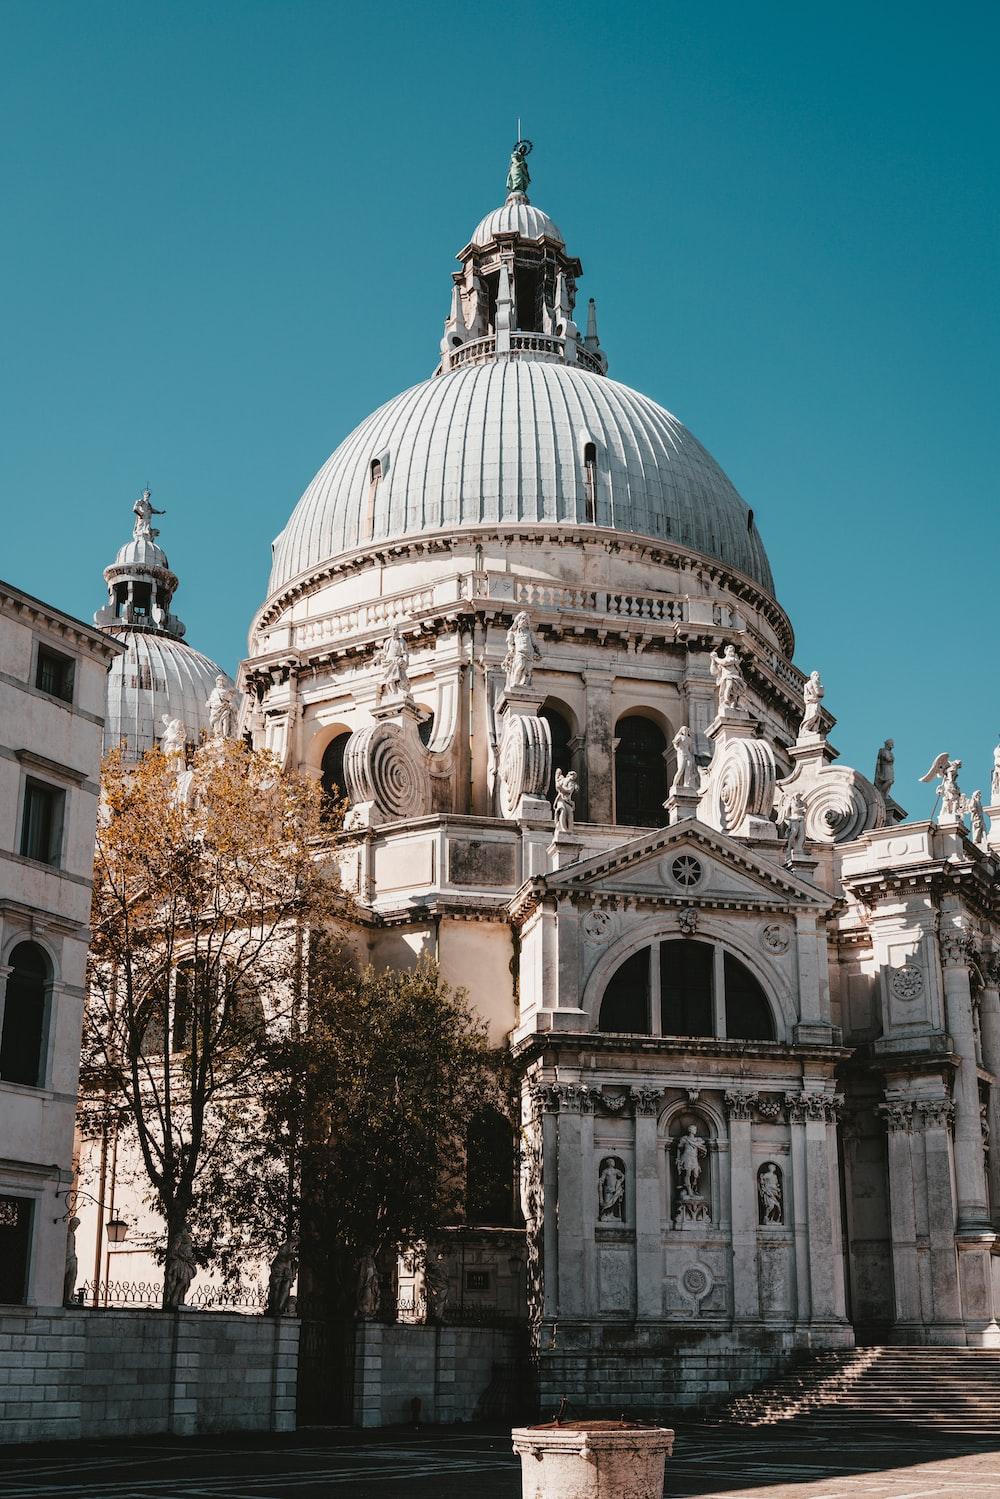 Santa Maria della Salute in Venice, Italy during daytime